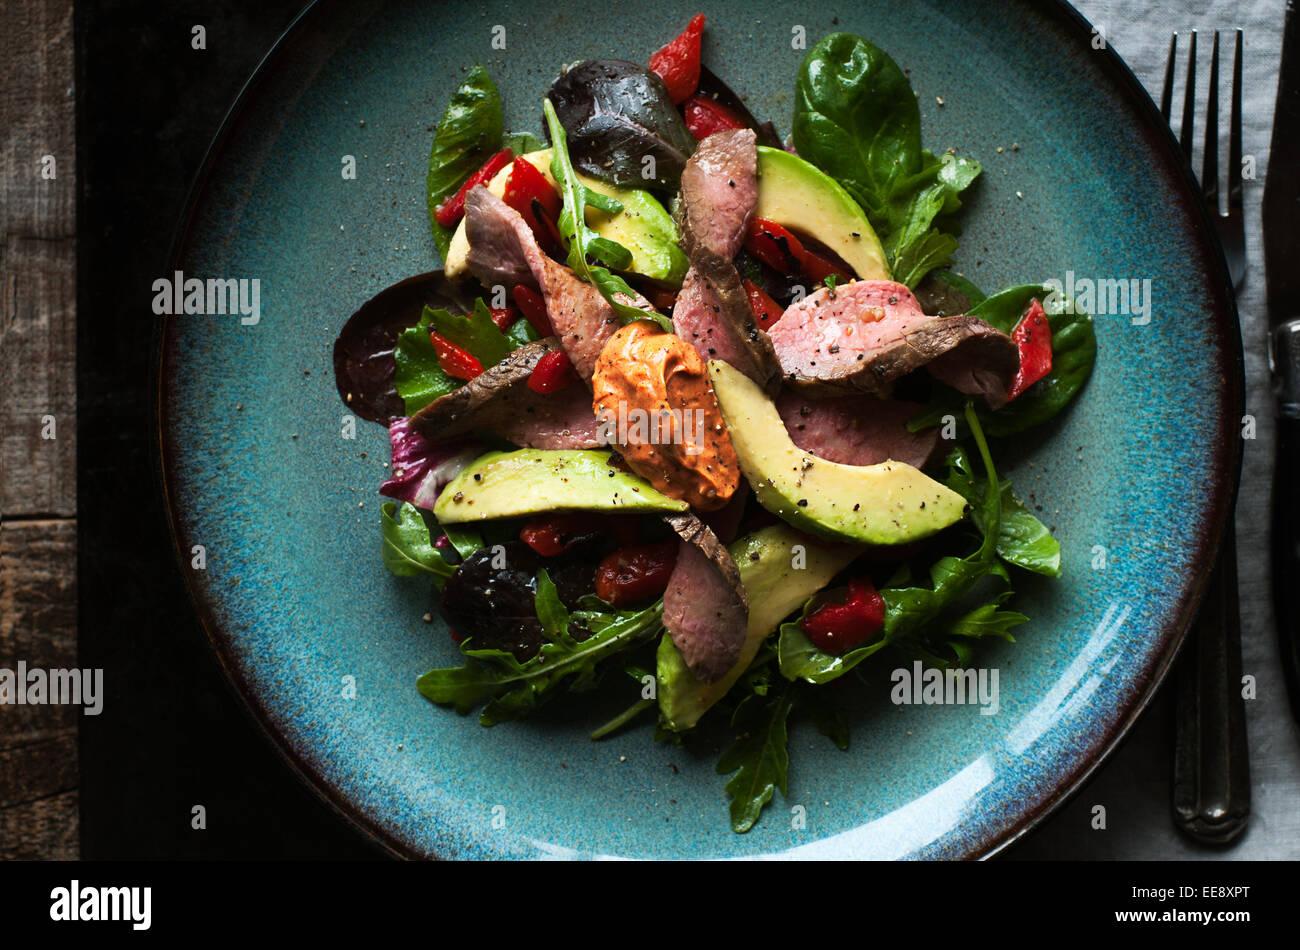 Ensalada verde mixta con carne asada y pimentón ahumado aioli Imagen De Stock